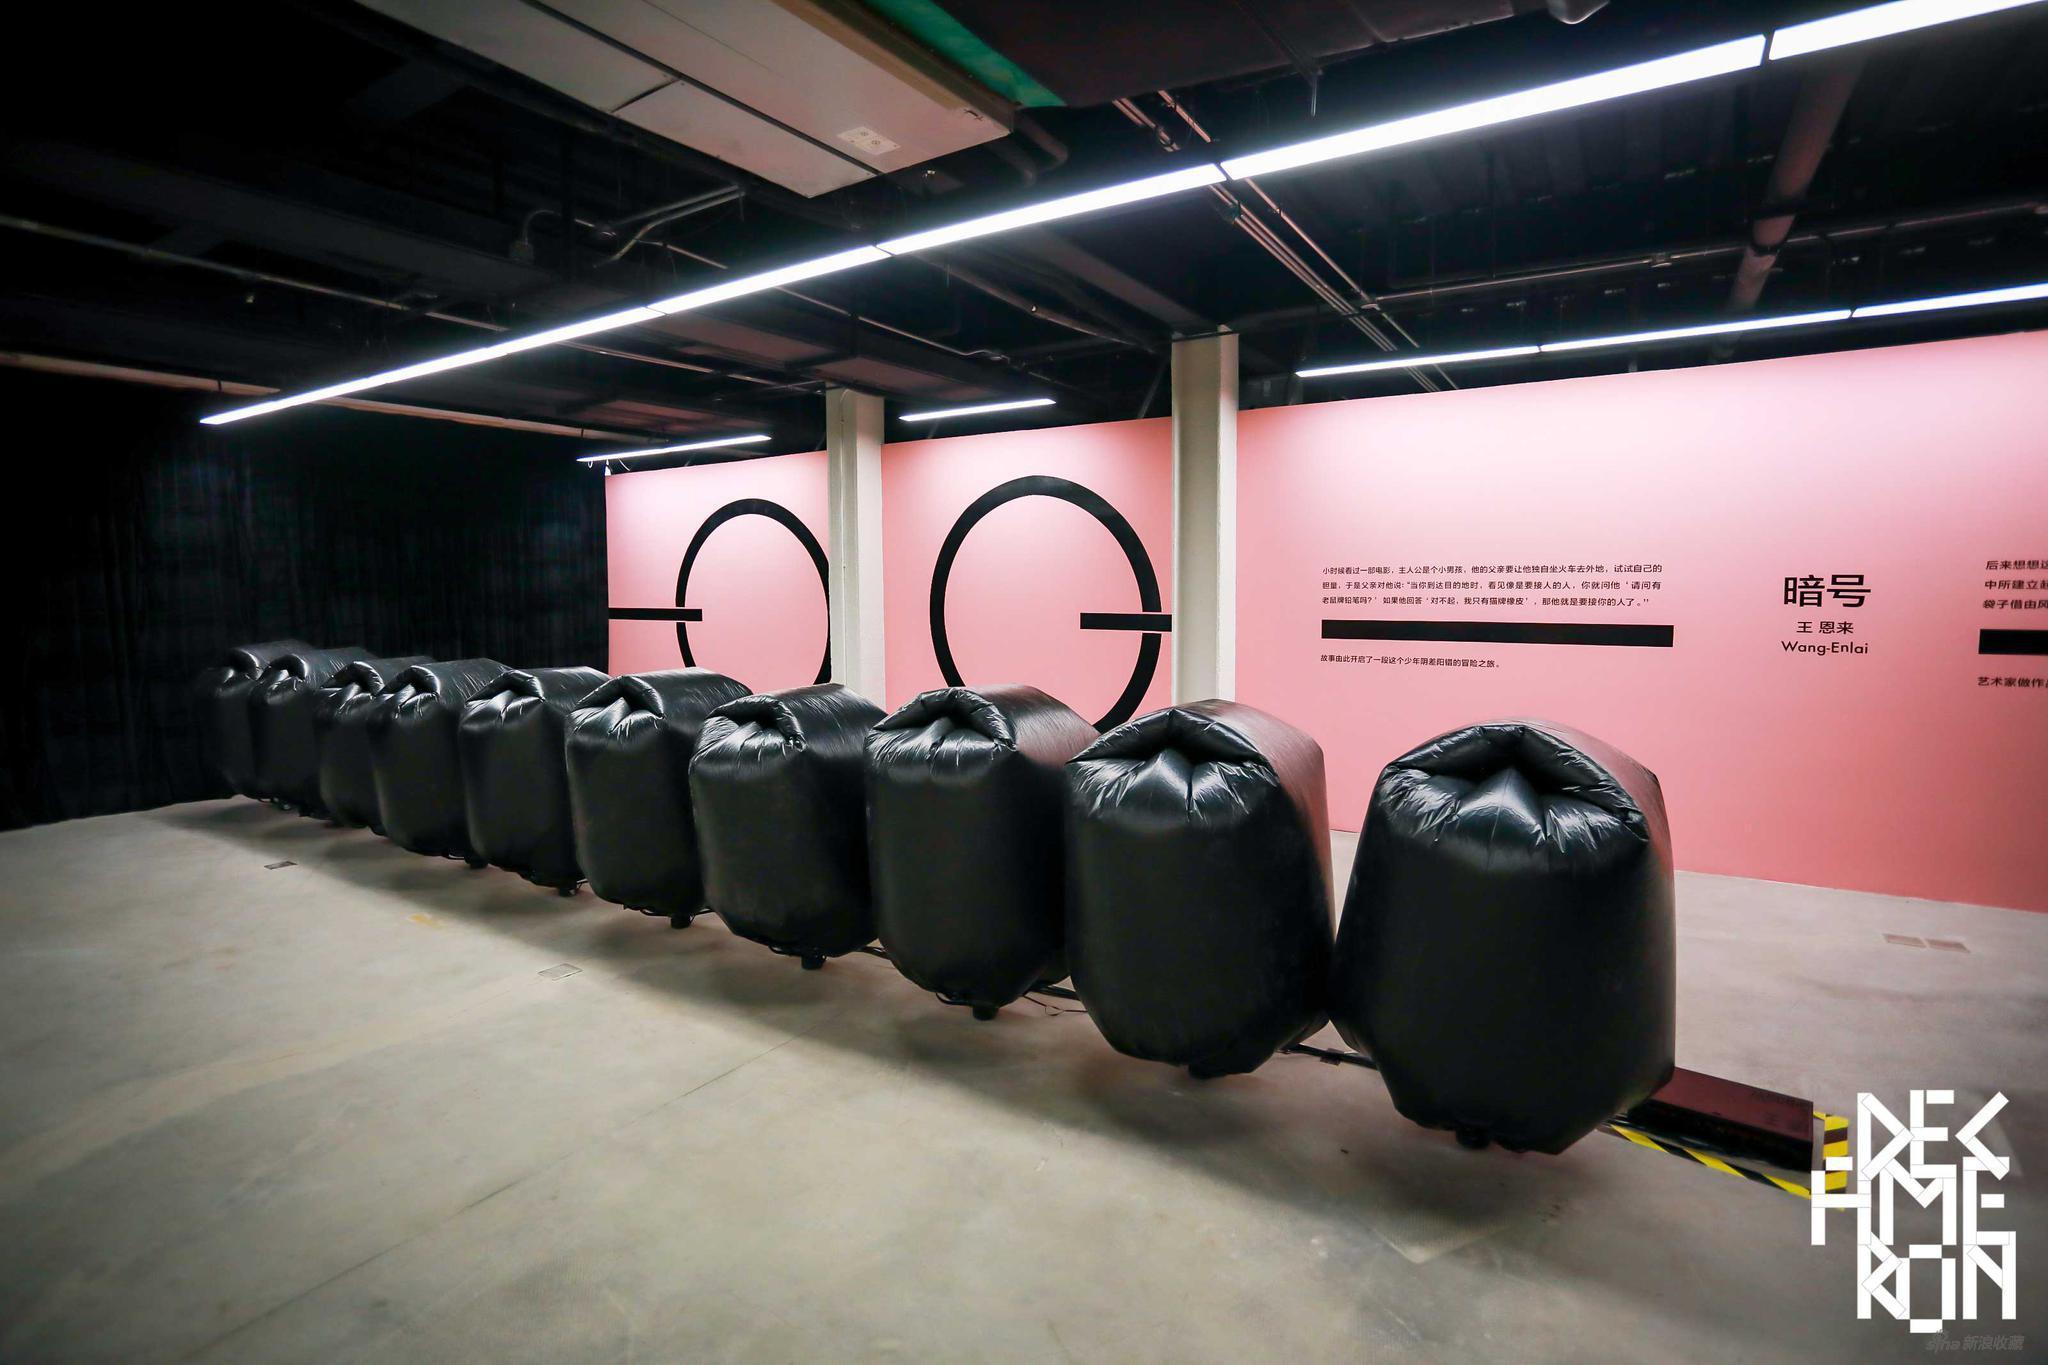 王恩来-《Bonn浪潮》-塑料袋、排风扇、控制器-尺寸可变-2015